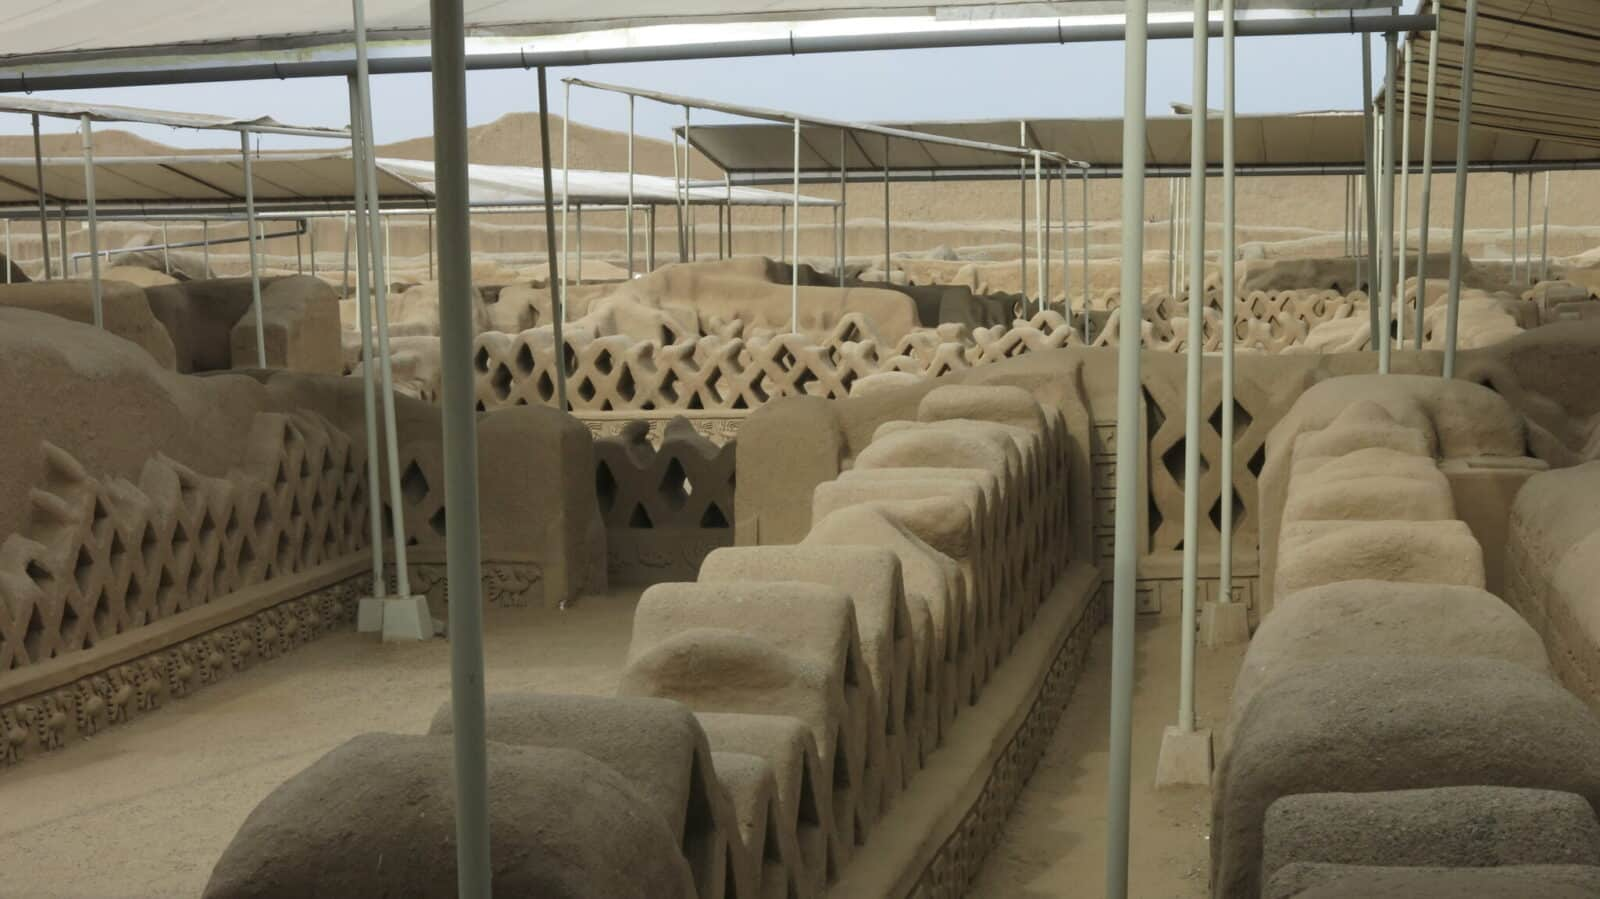 A guia ajudou a entender os detalhes de como funcionava a capital dos chimus no norte do Peru